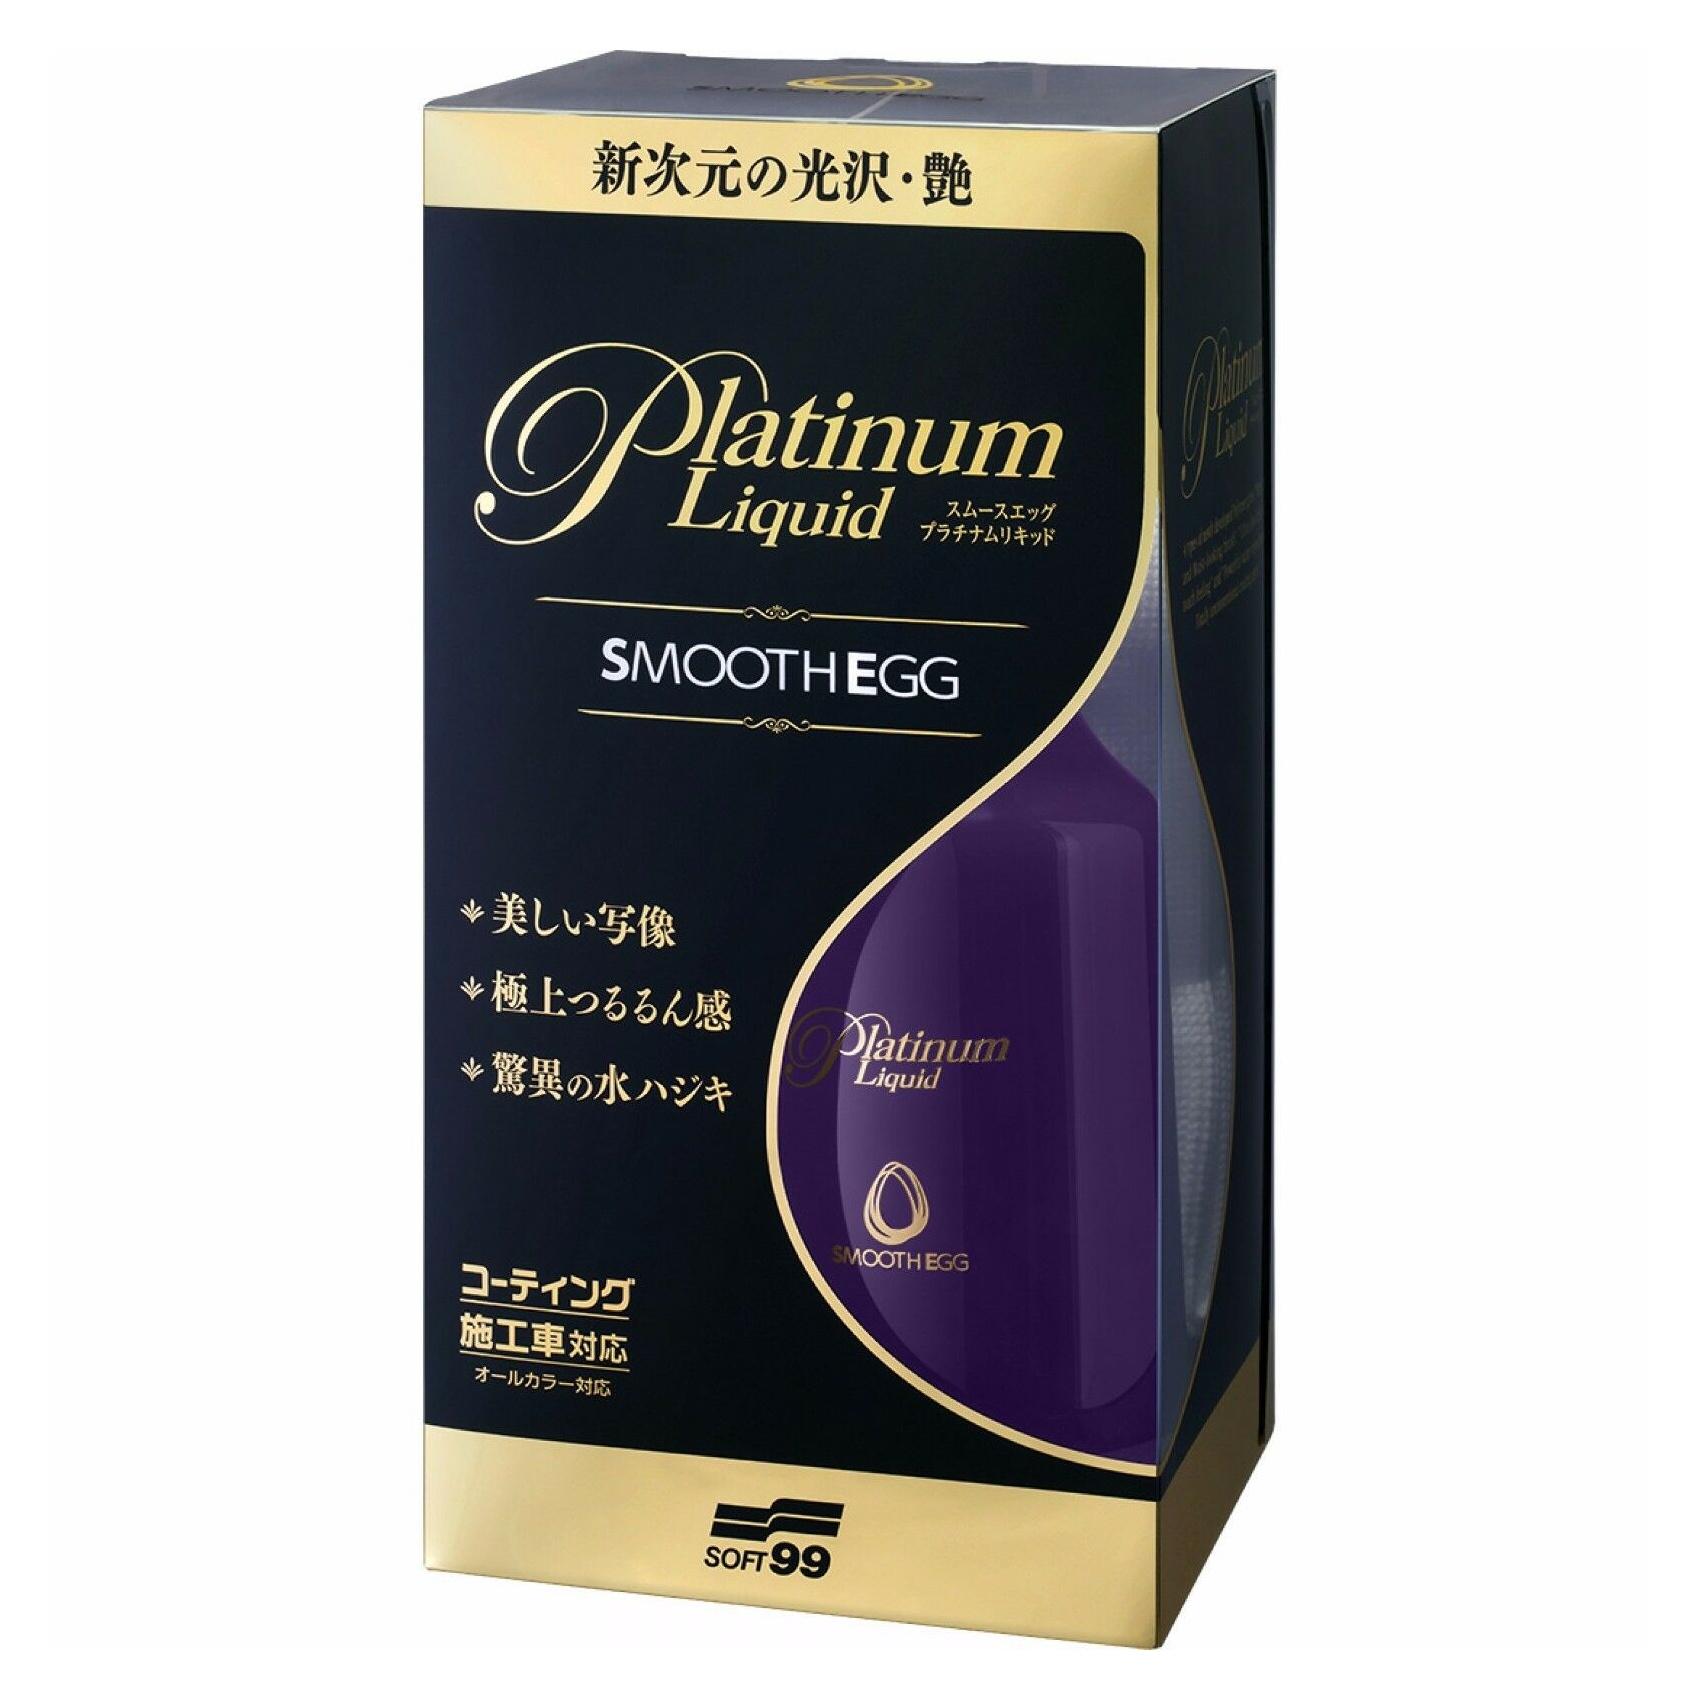 Soft99 Soft99 Smooth Egg Platinum Liquid